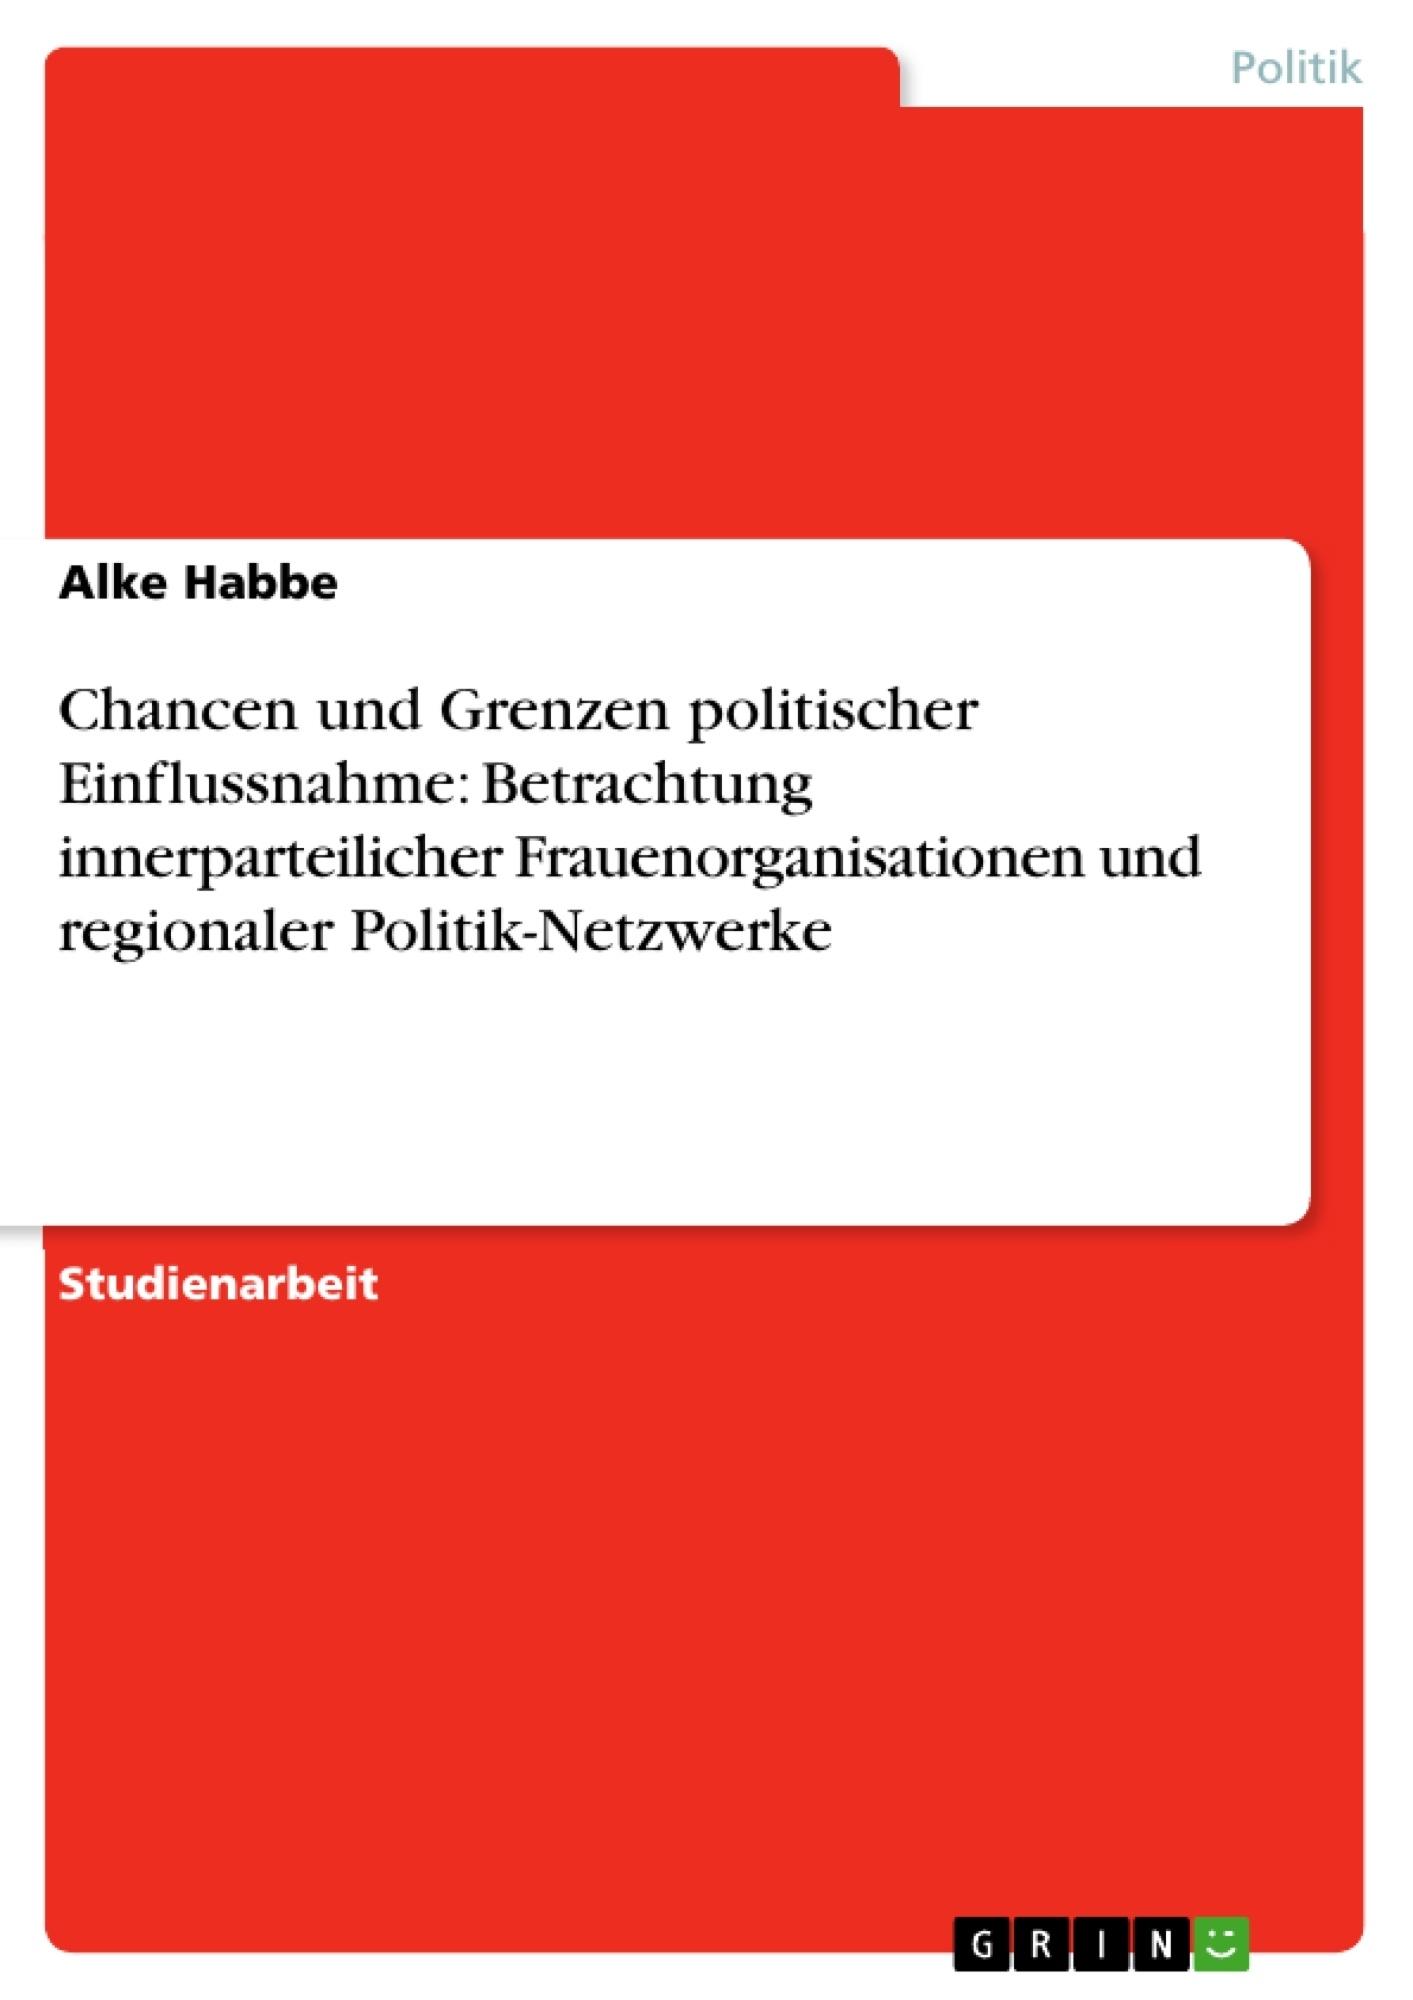 Titel: Chancen und Grenzen politischer Einflussnahme: Betrachtung innerparteilicher Frauenorganisationen und regionaler Politik-Netzwerke